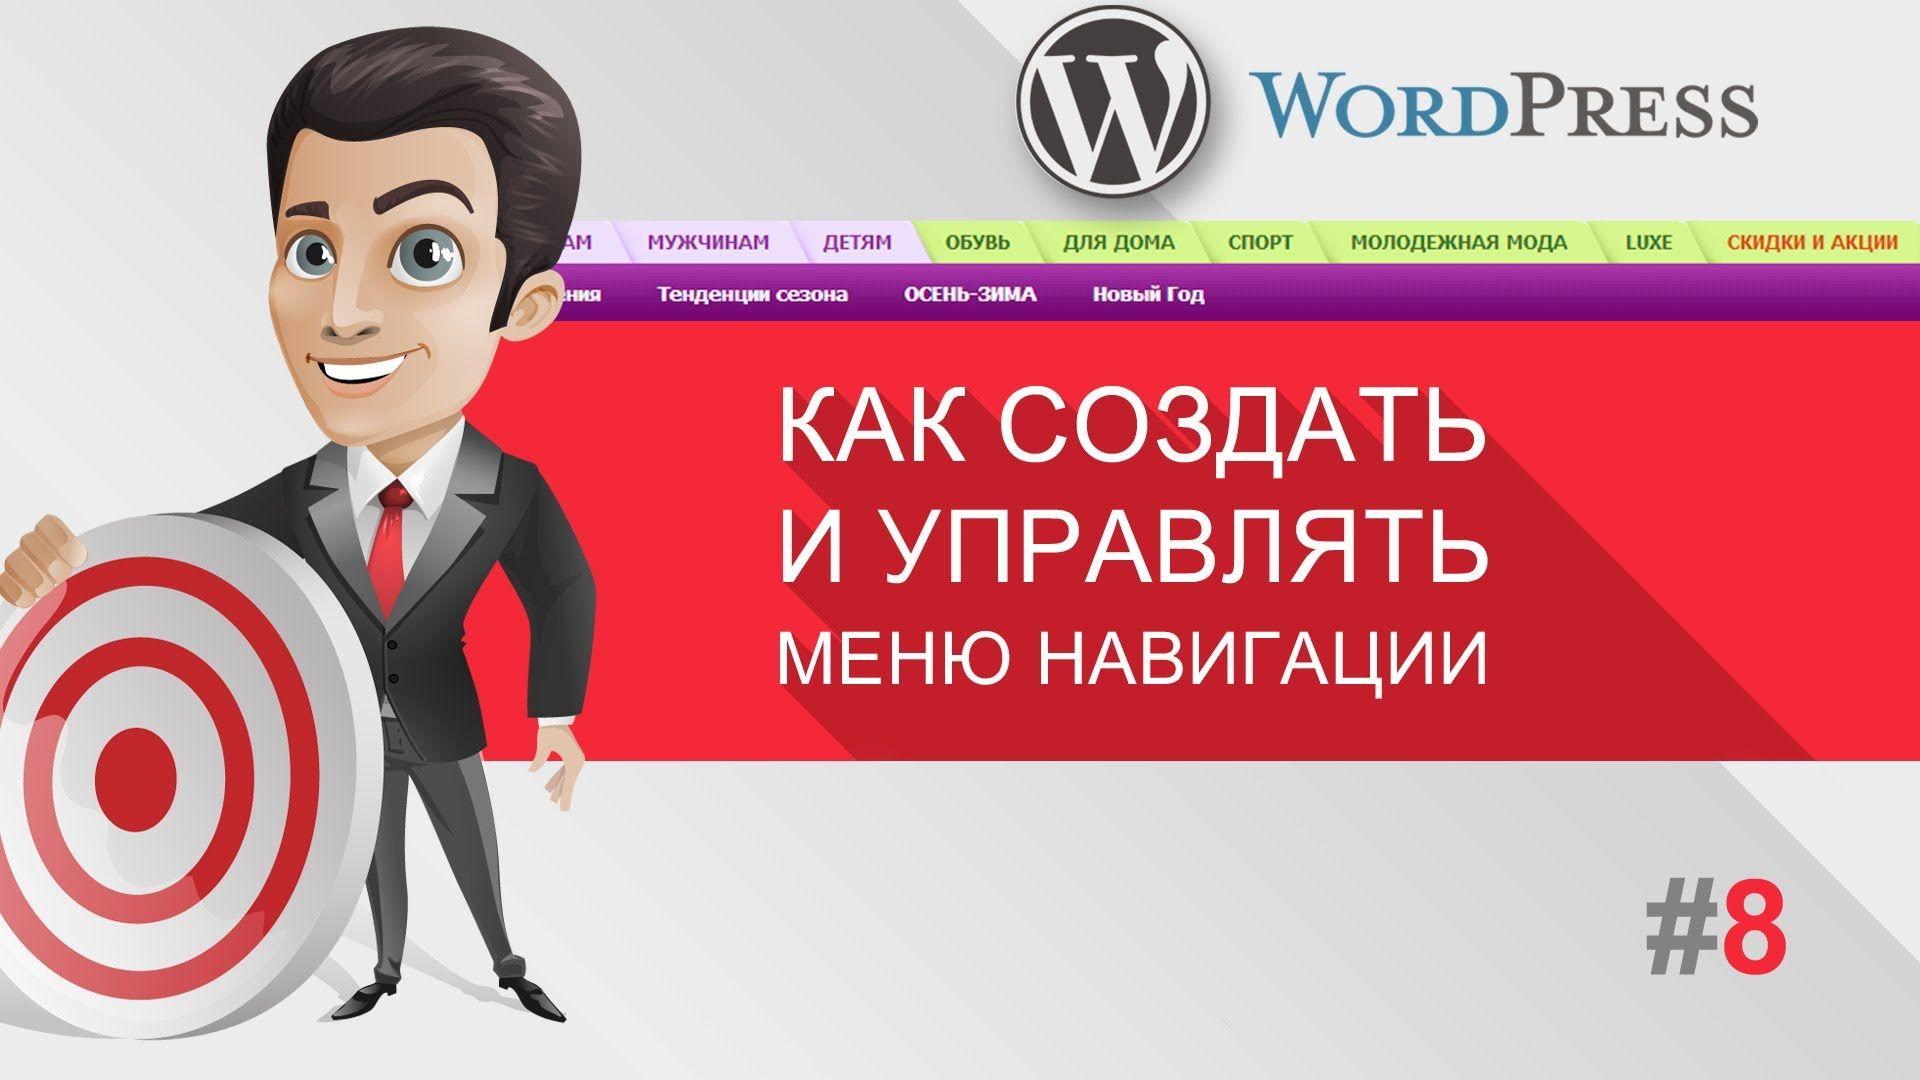 WordPress меню (создание и настройка) - выпадающее пользовательское меню...